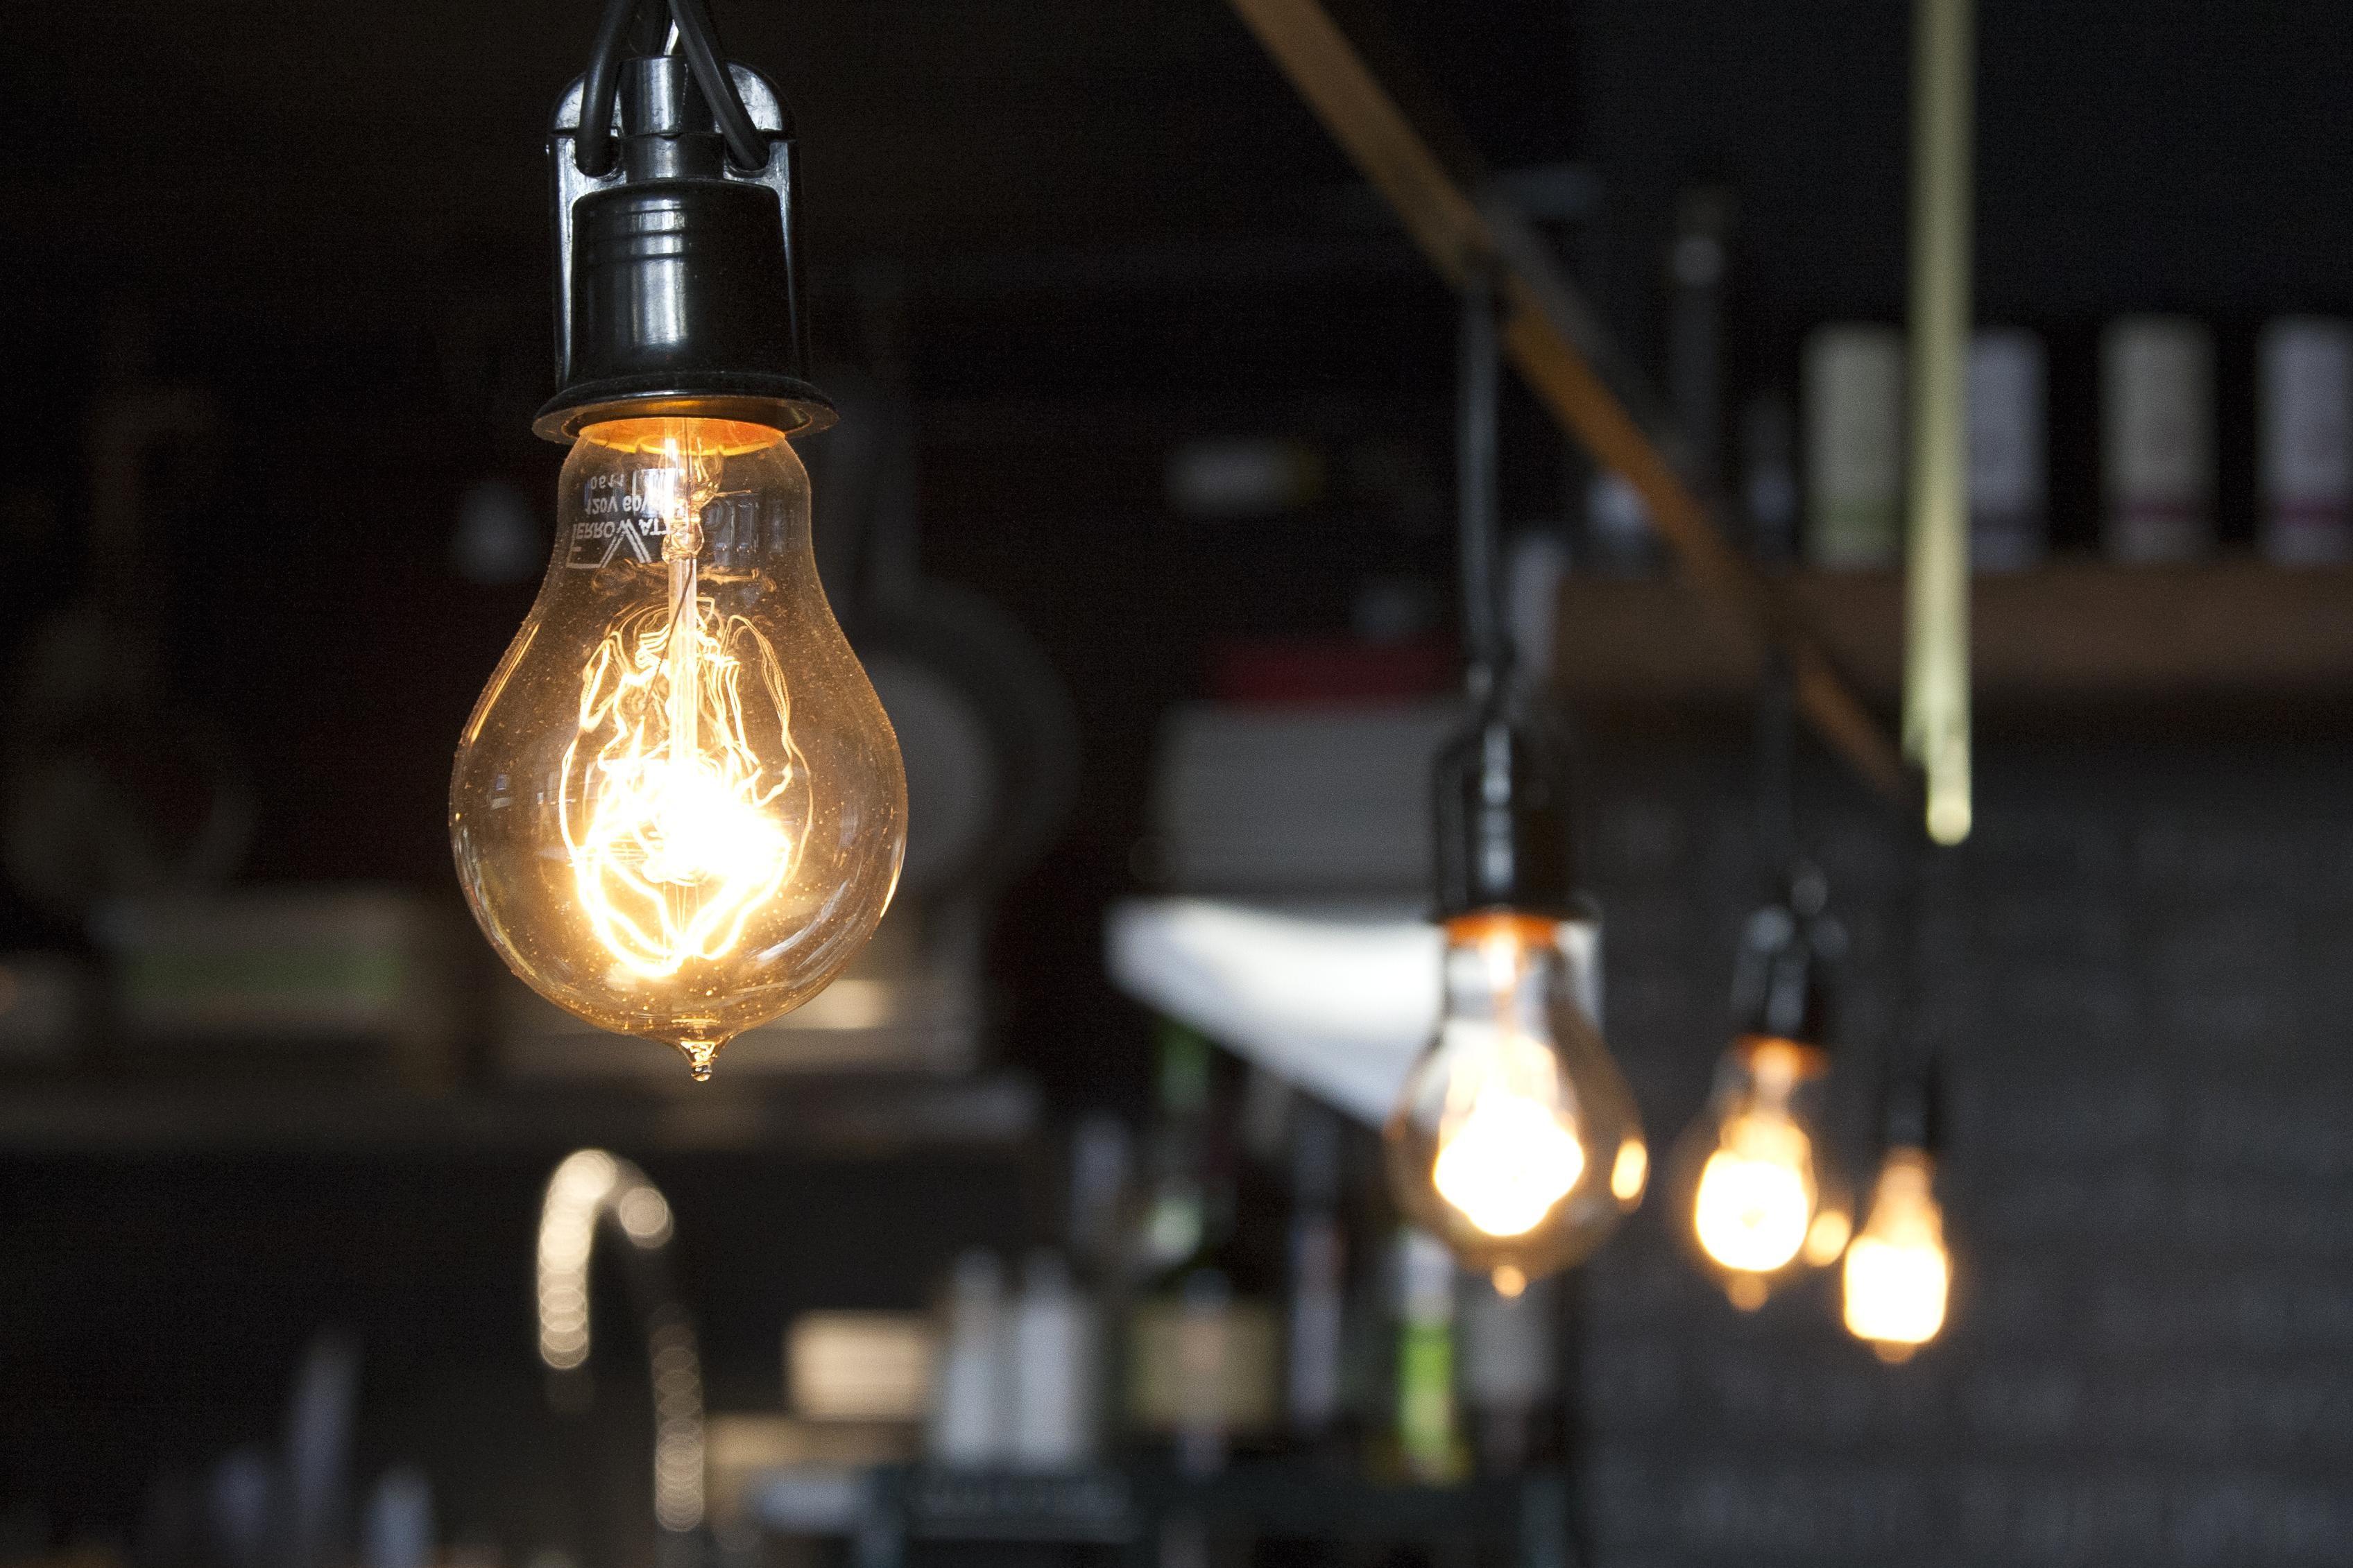 kostenlose bild: lampe, glühbirne, elektrizität, beleuchtet, laterne